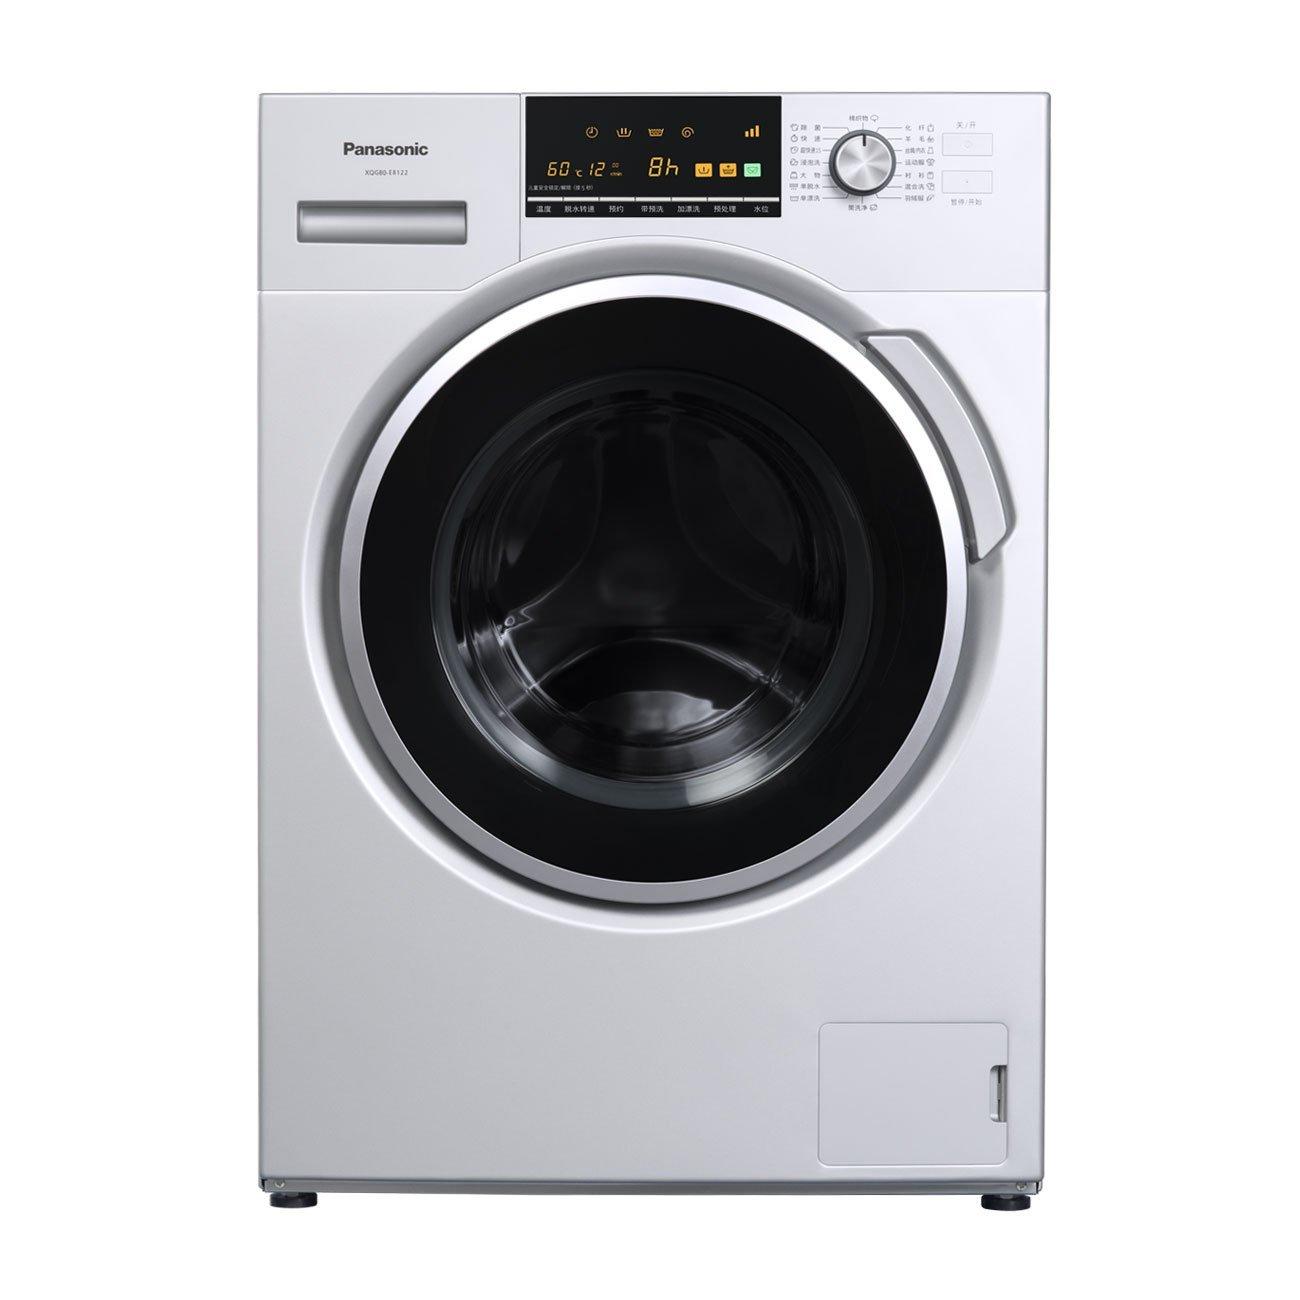 Máy giặt Panasonic Panasonic 8.0kg tự động hoàn toàn trống máy giặt XQG80-E8122